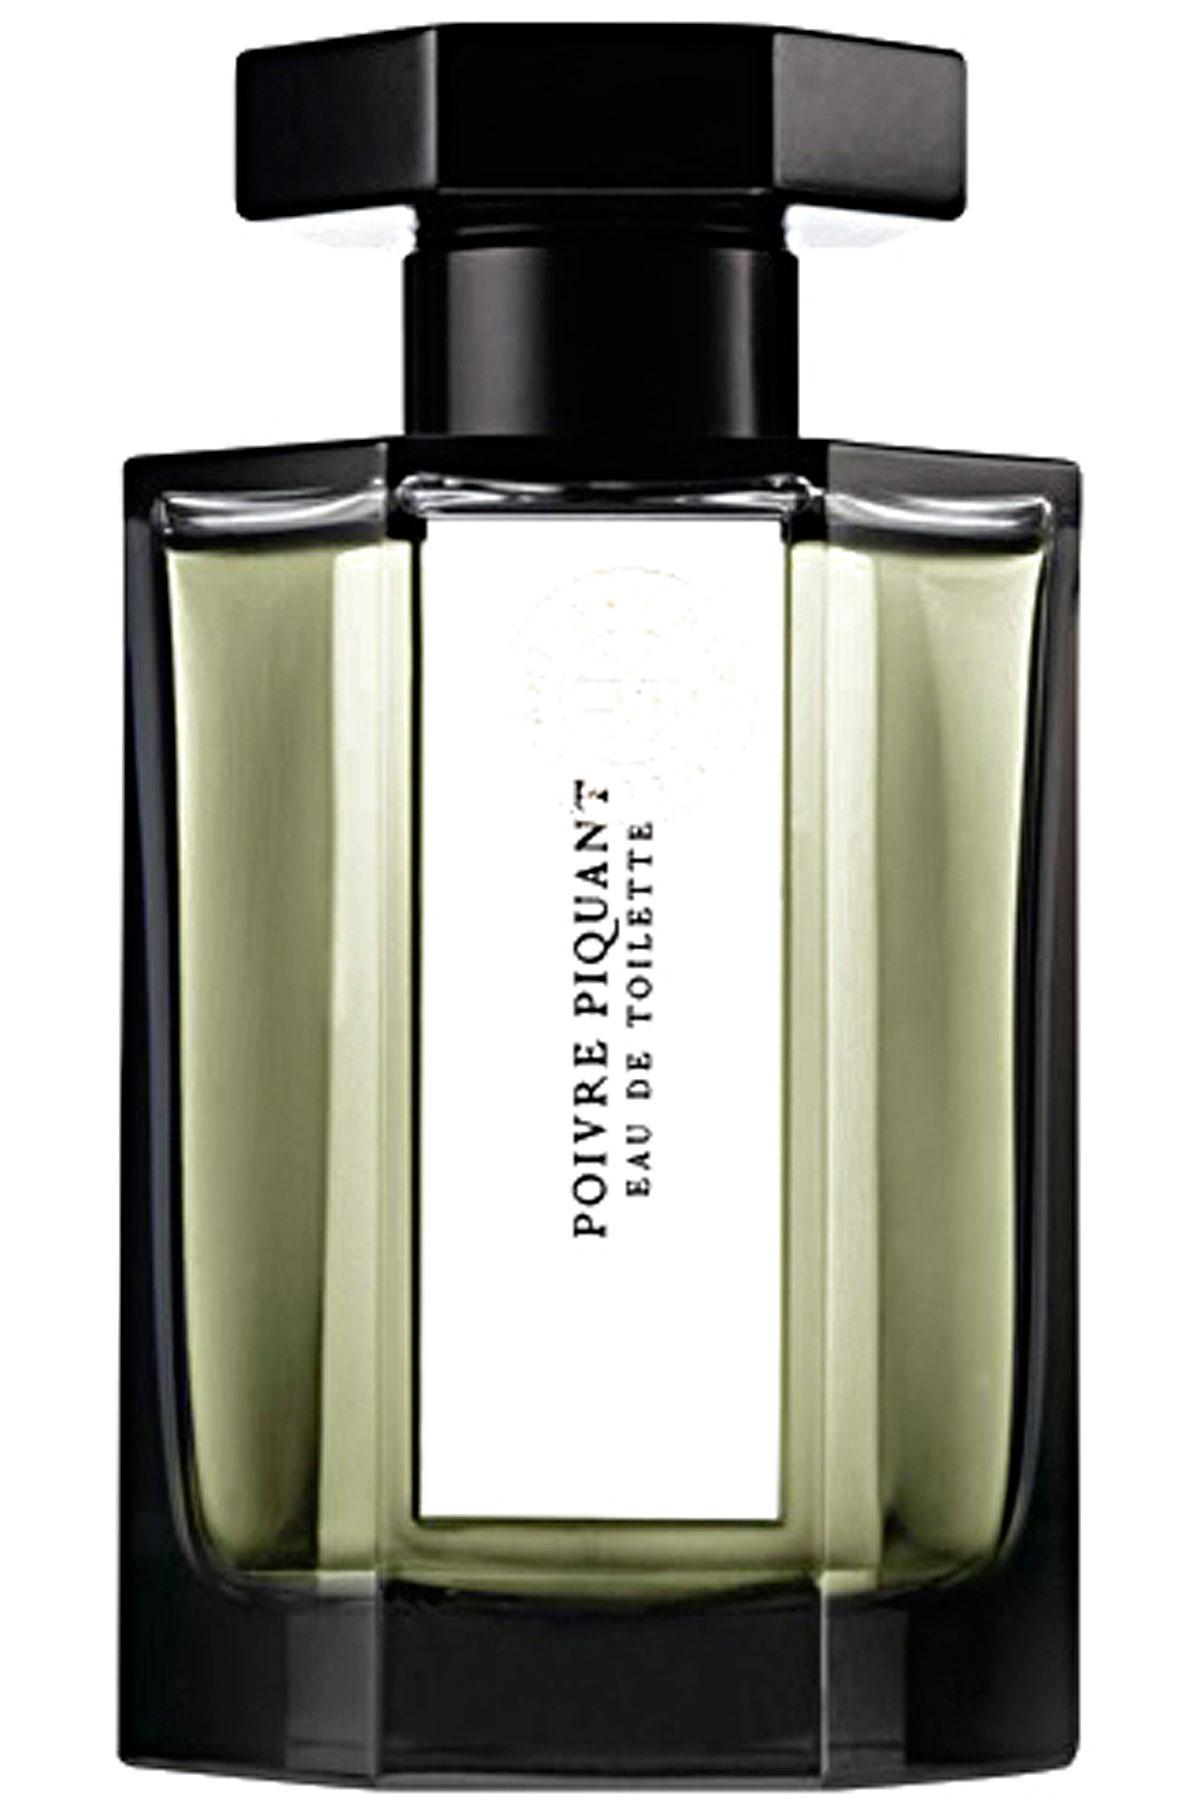 Artisan Parfumeur Fragrances for Women, Poivre Piquant - Eau De Toilette - 100 Ml, 2019, 100 ml